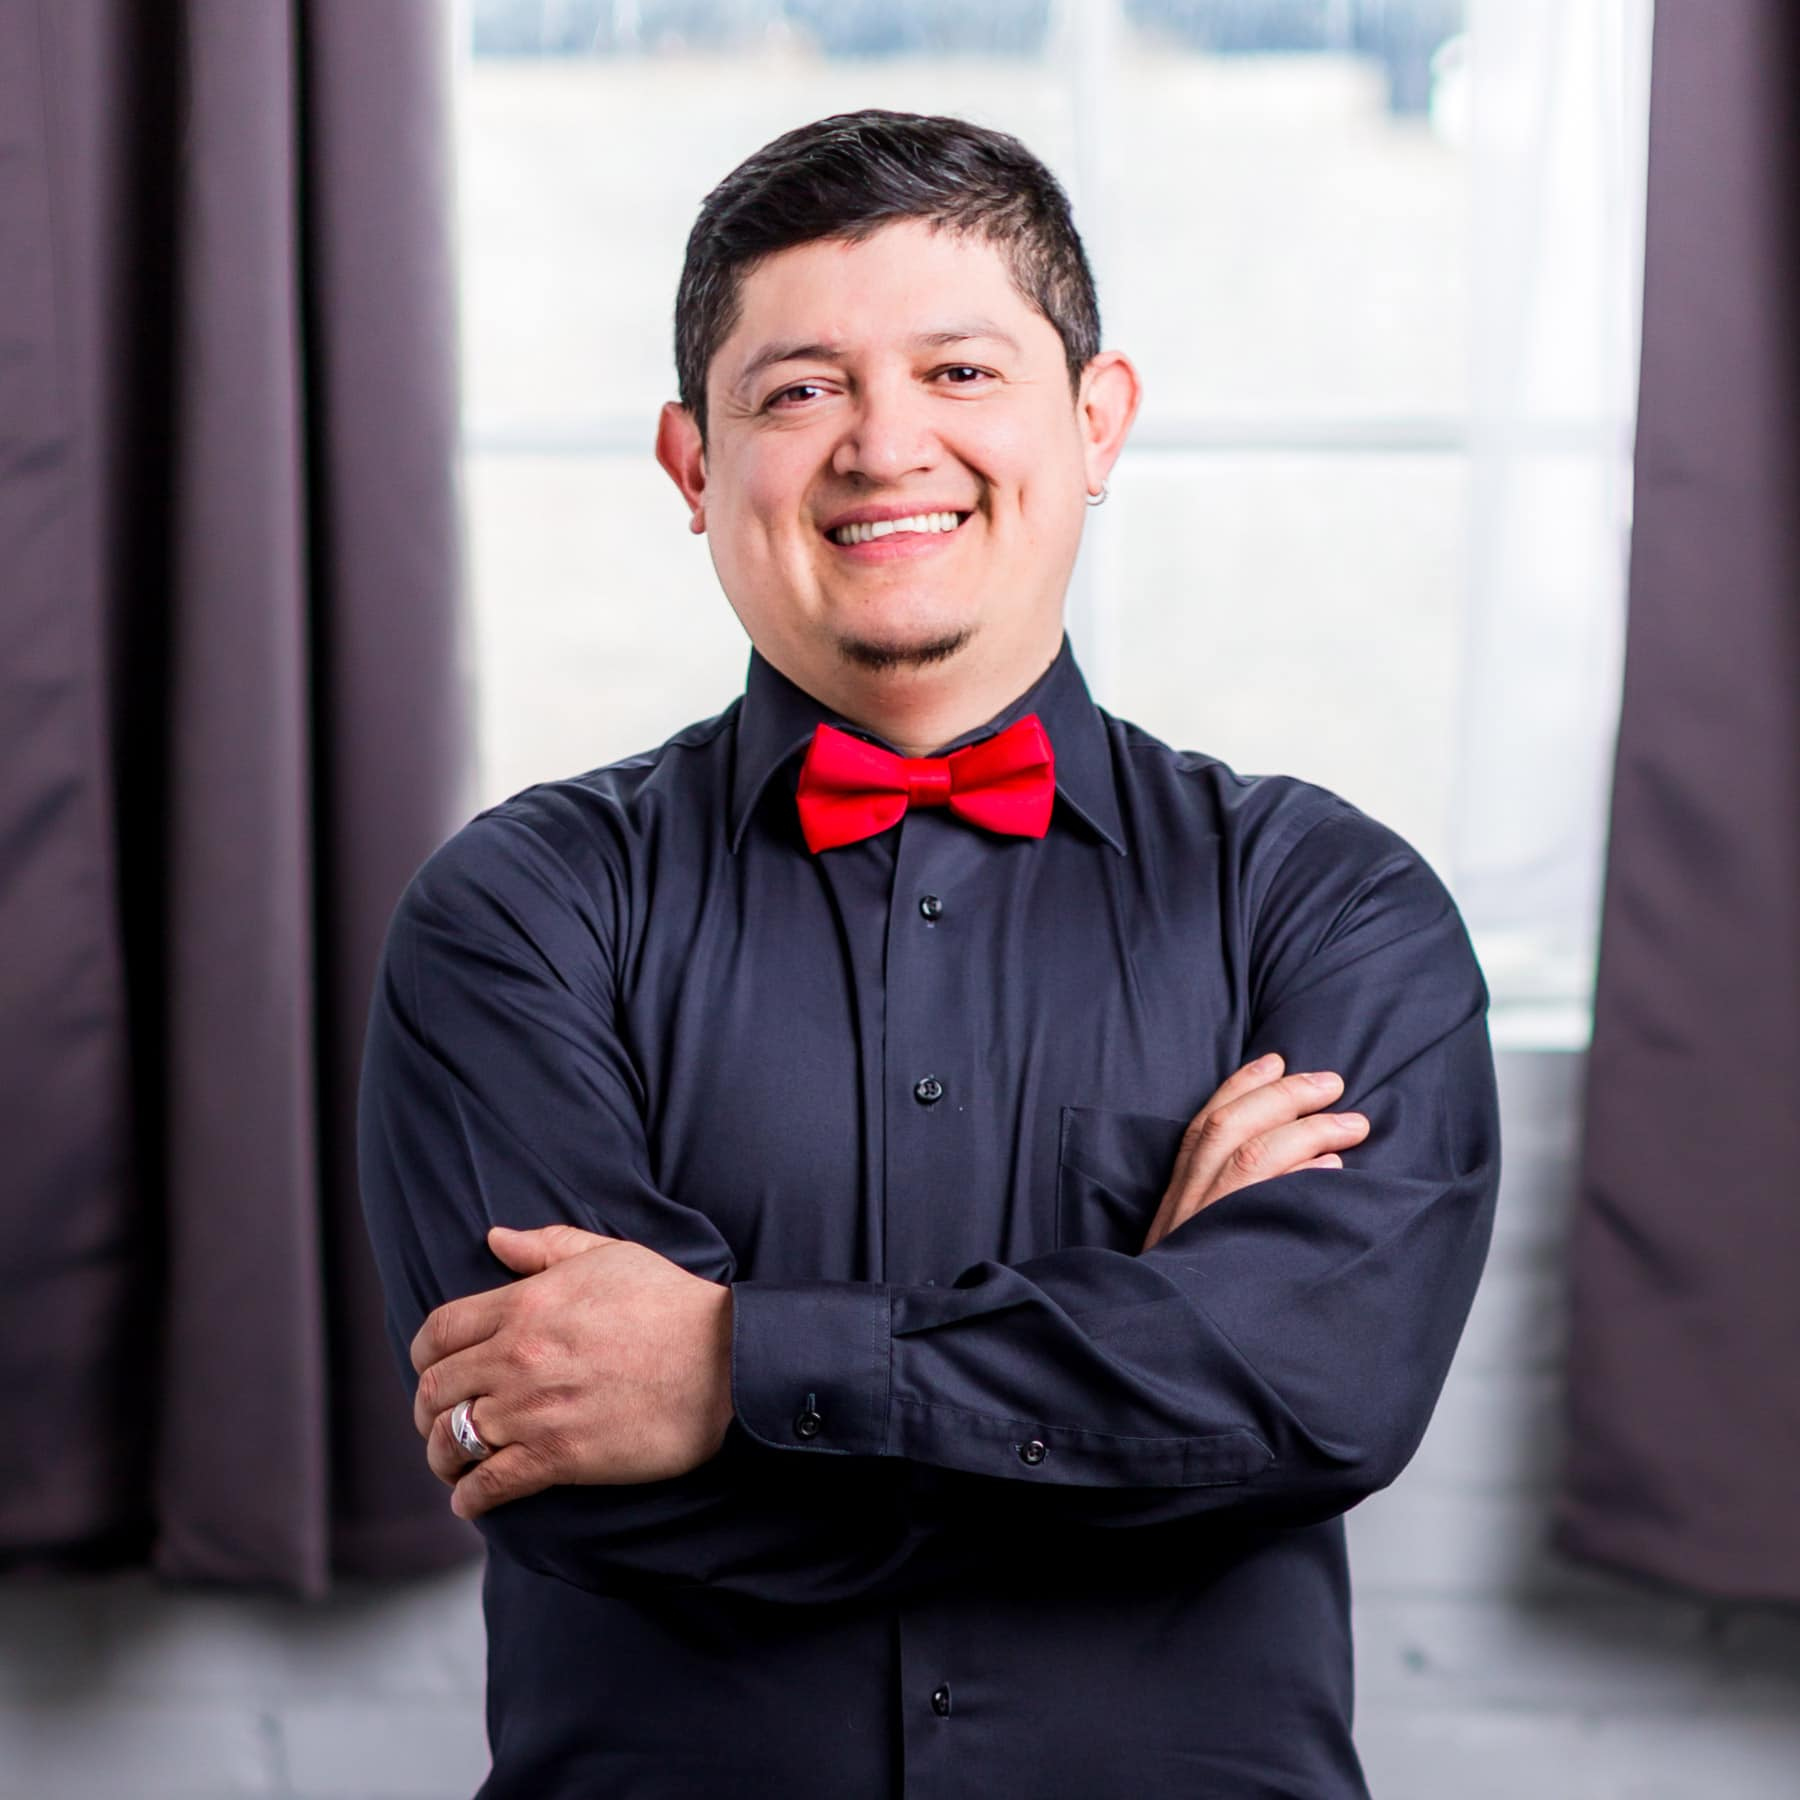 Enrique Alas-Melgar, Lead Event Captain